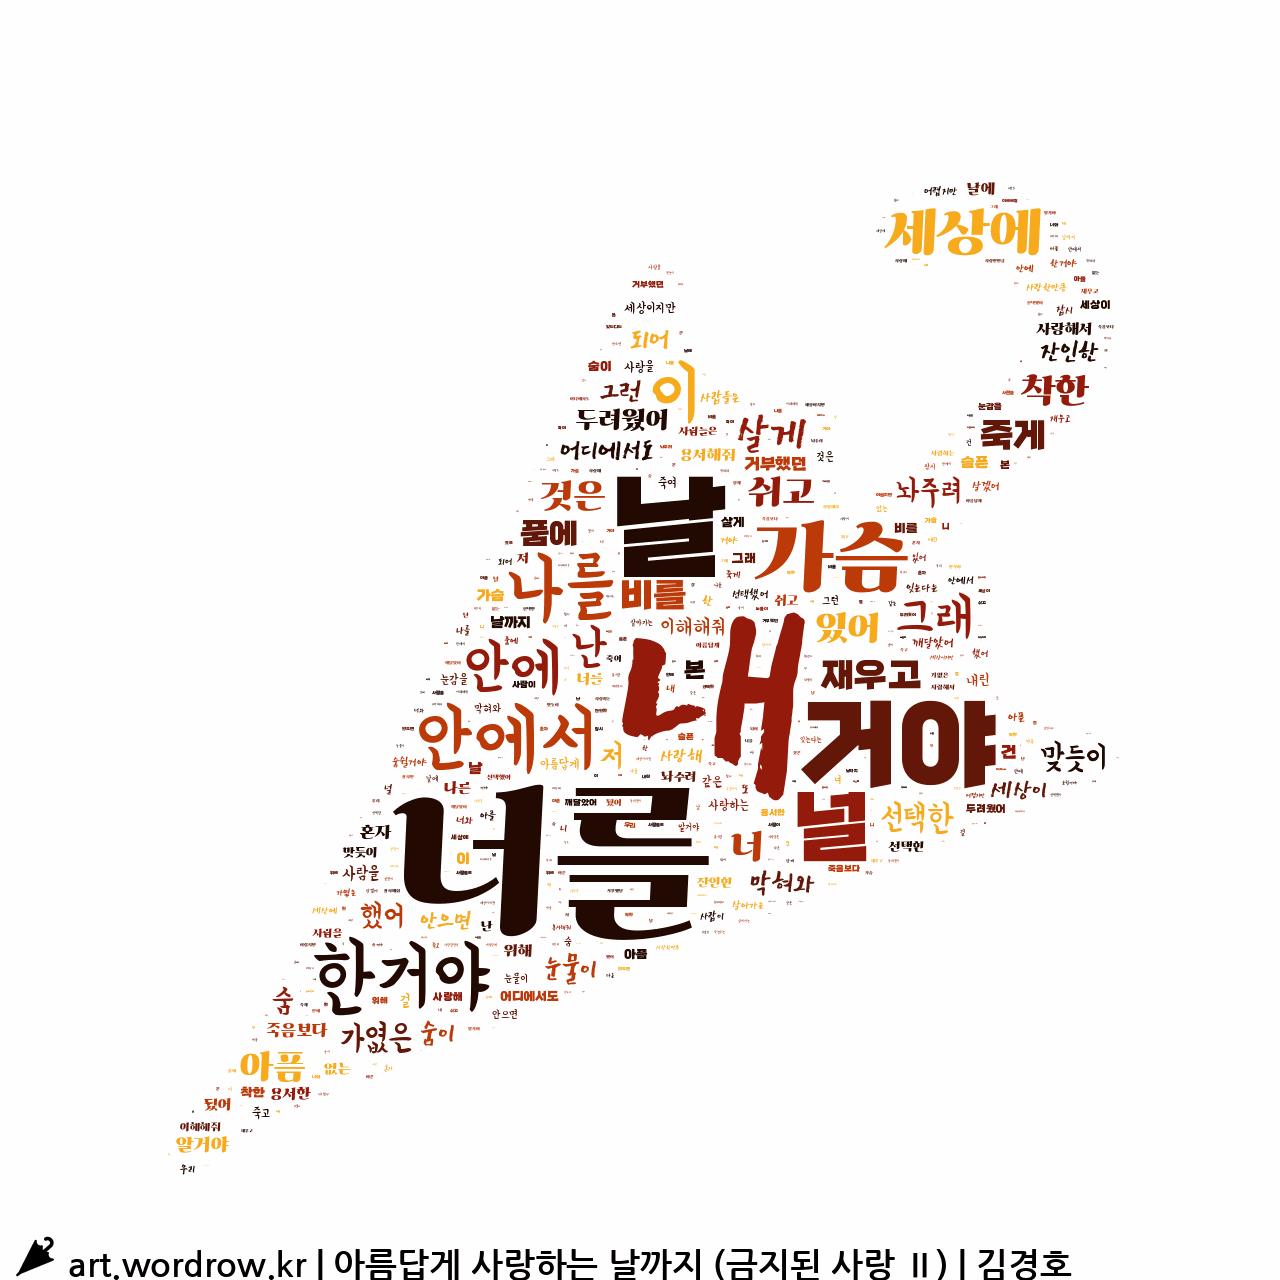 워드 아트: 아름답게 사랑하는 날까지 (금지된 사랑 Ⅱ) [김경호]-5